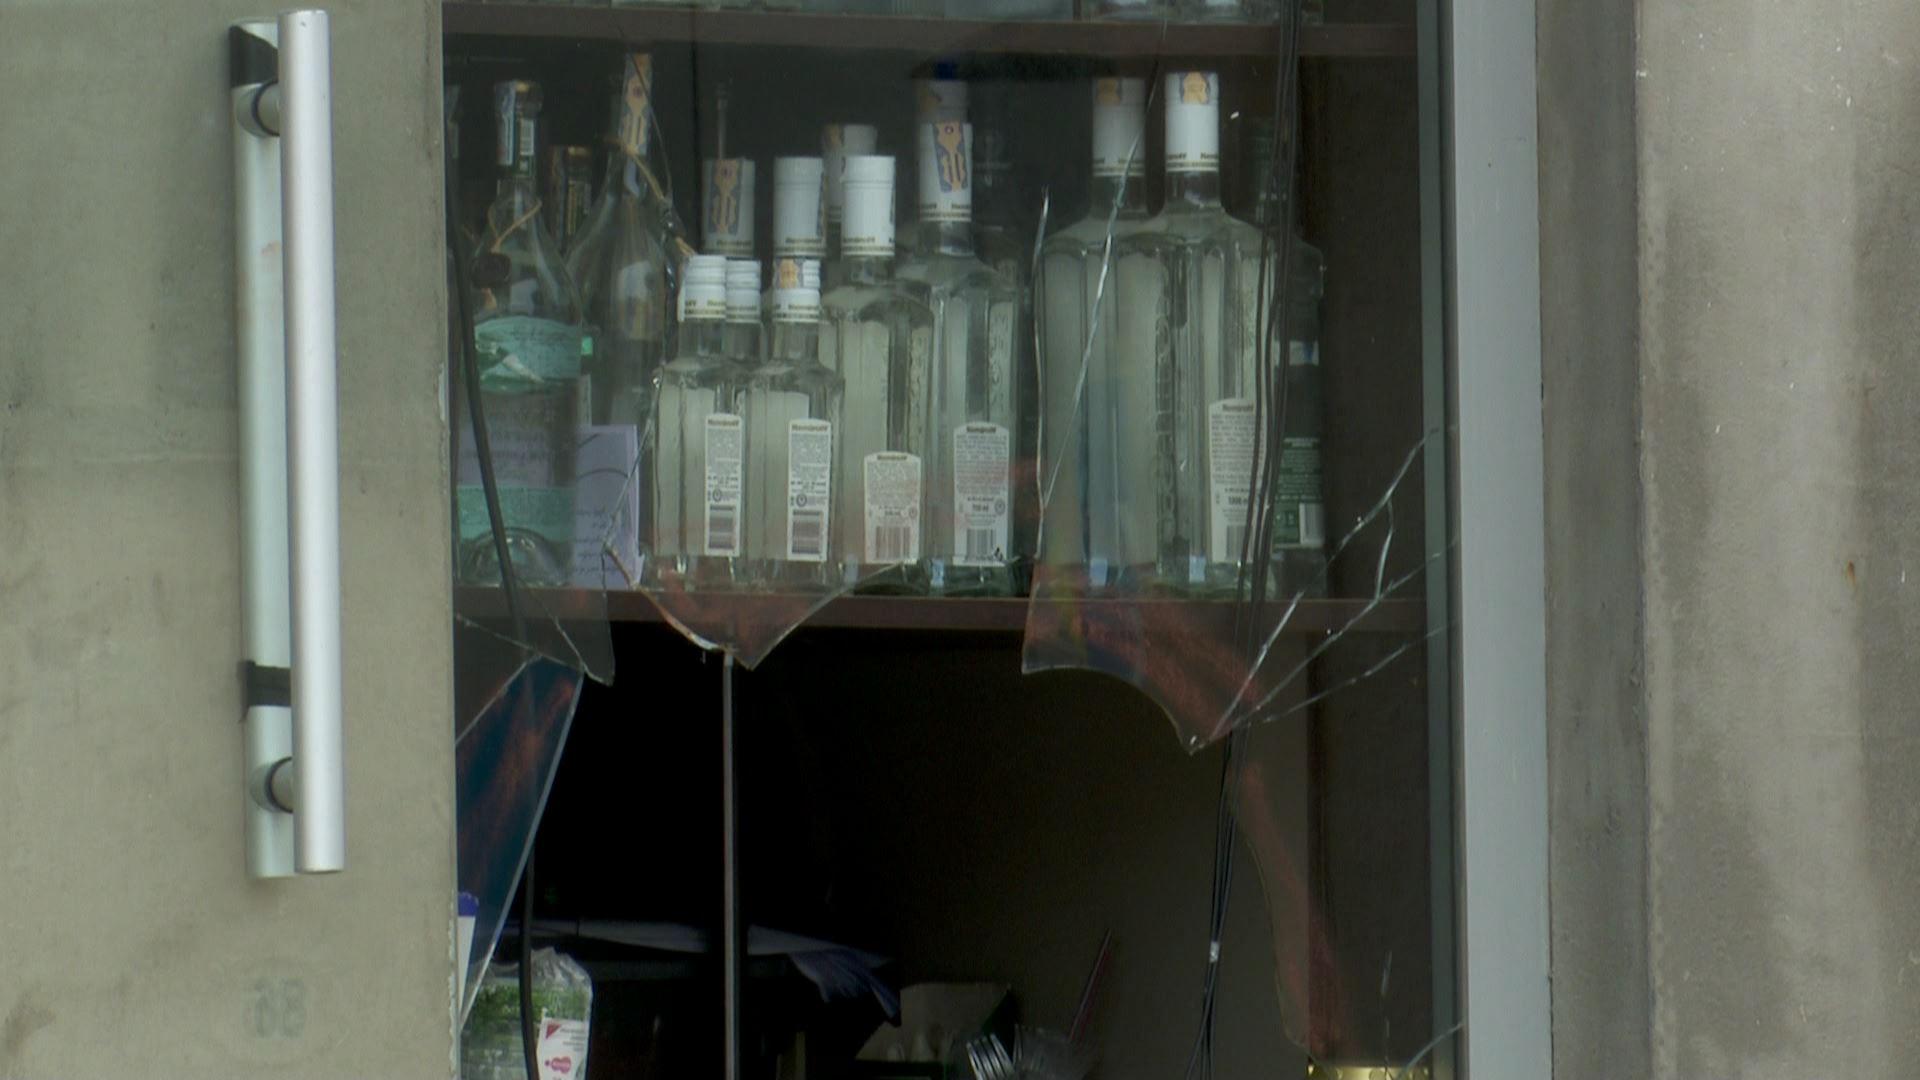 წუხელ ღამით მელიქიშვილის 111-ში სურსათის მაღაზია გაქურდეს